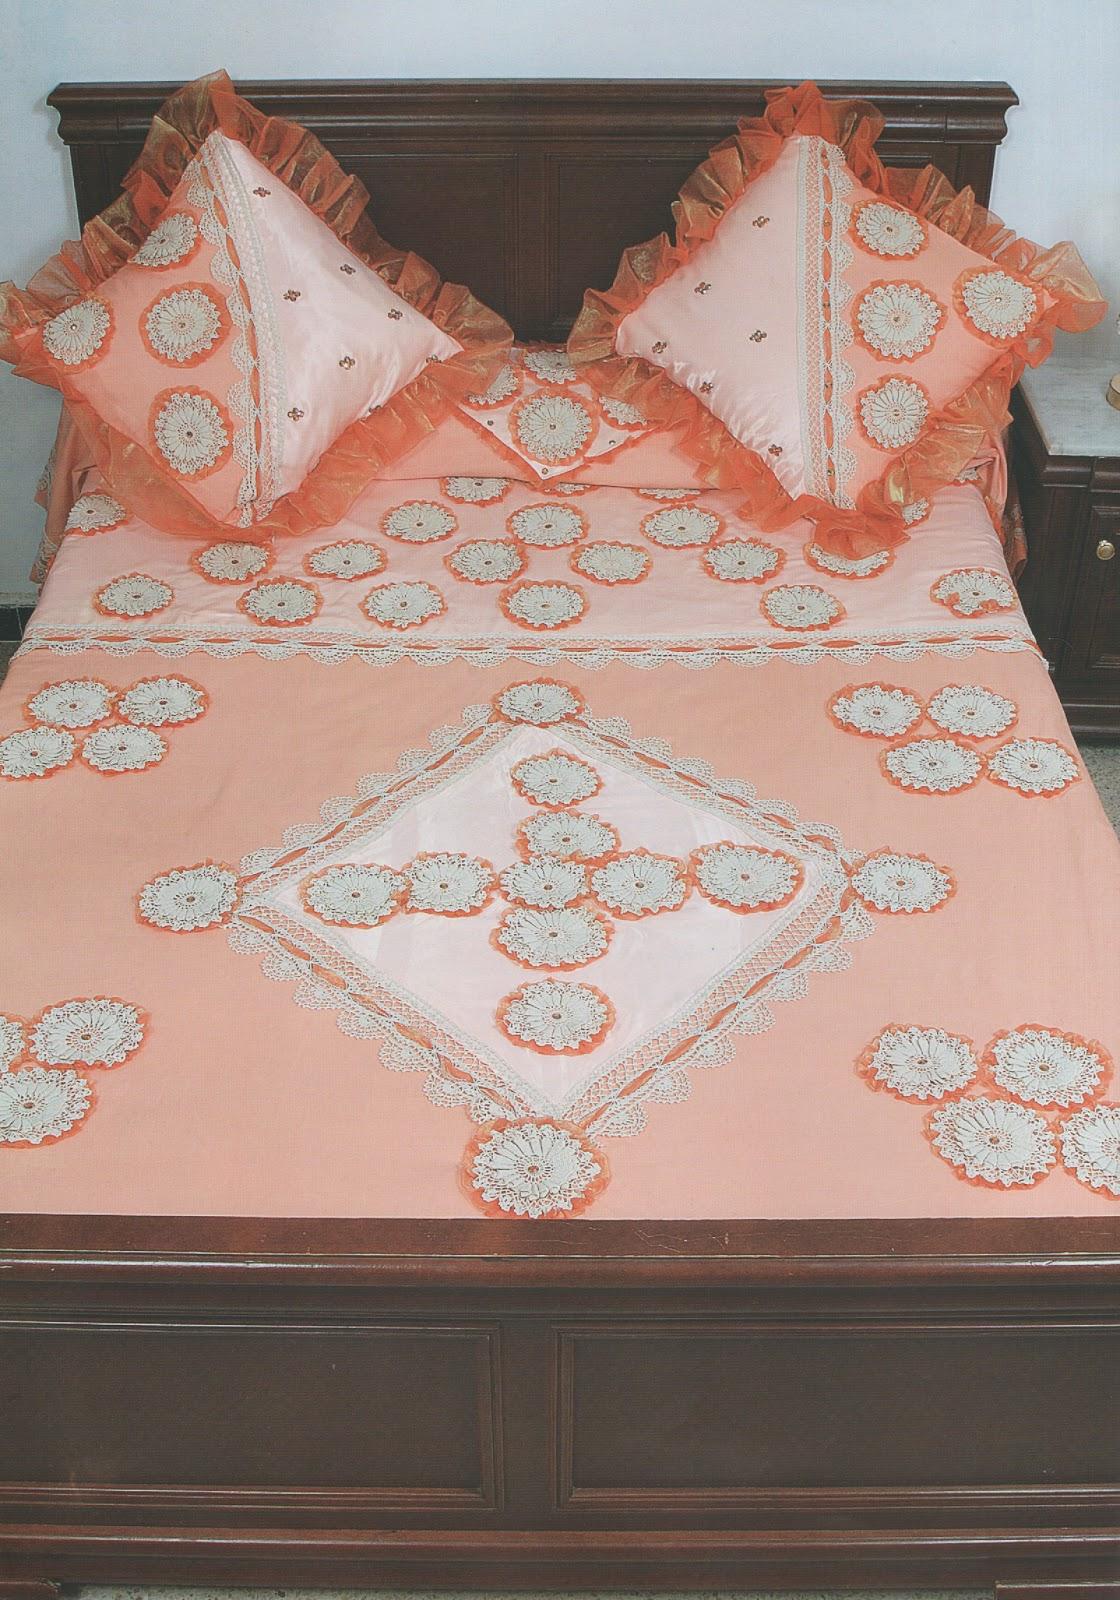 crochet et broderie drap orange. Black Bedroom Furniture Sets. Home Design Ideas